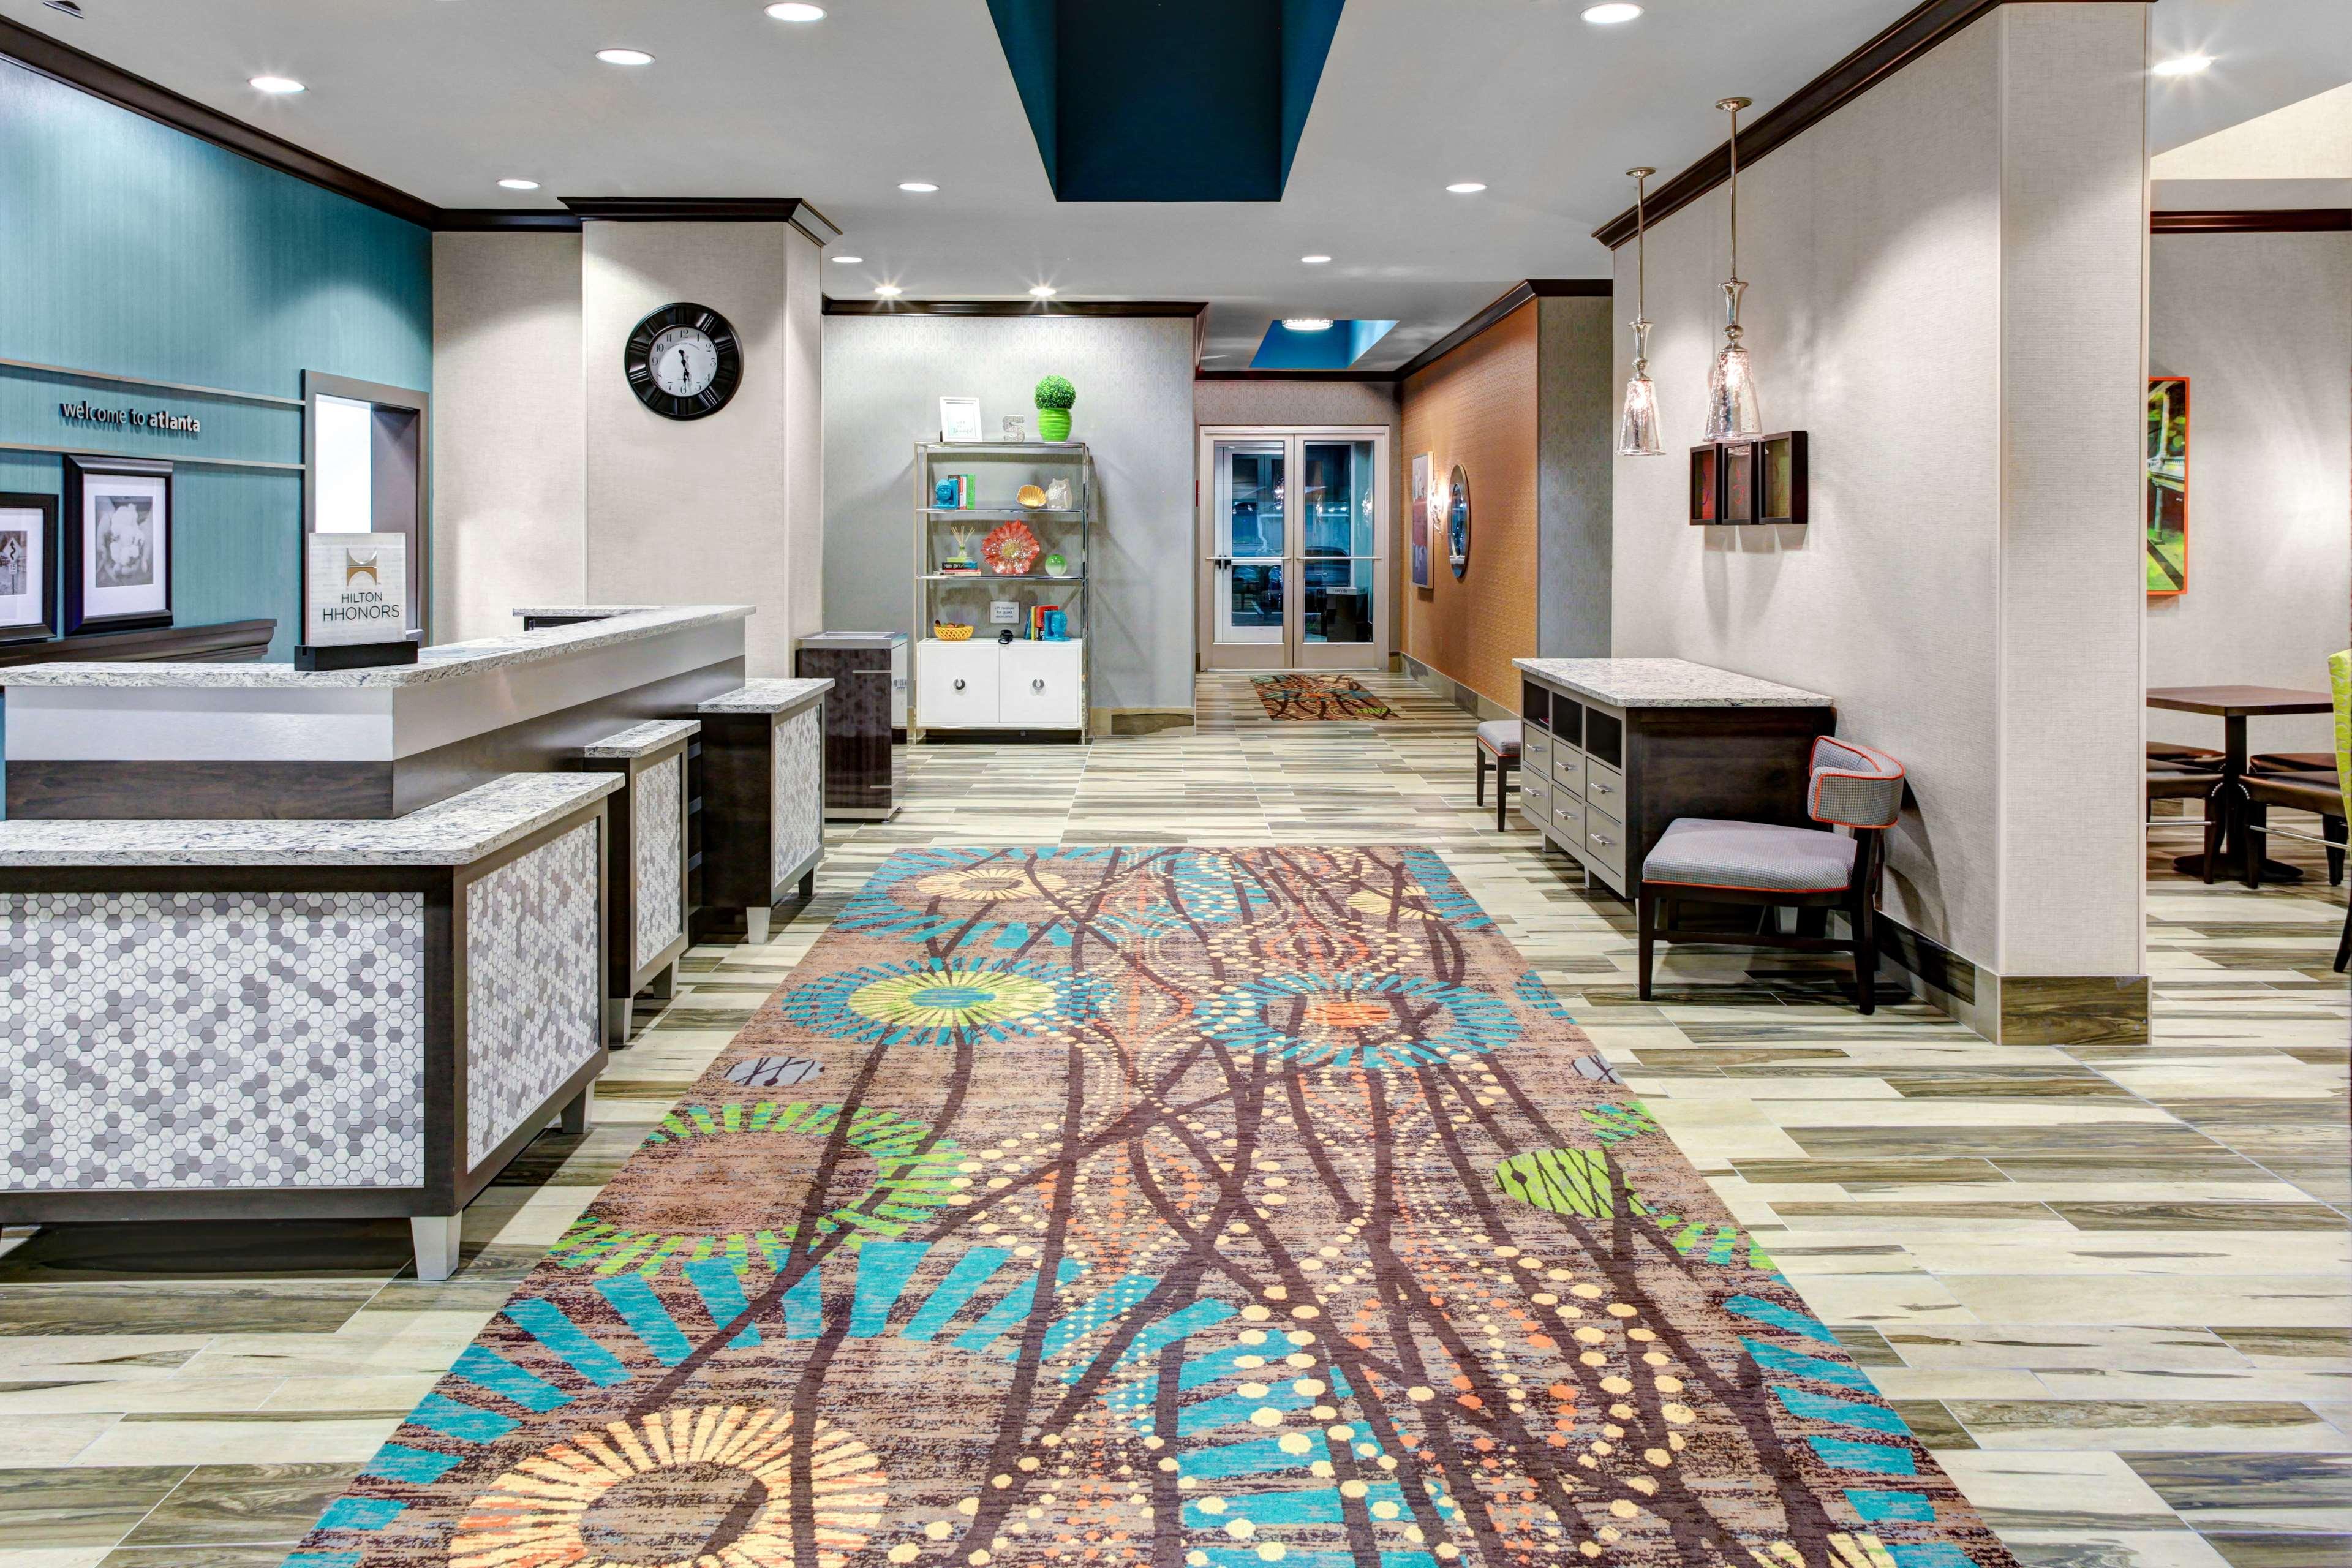 Hampton Inn & Suites by Hilton Atlanta Perimeter Dunwoody image 4